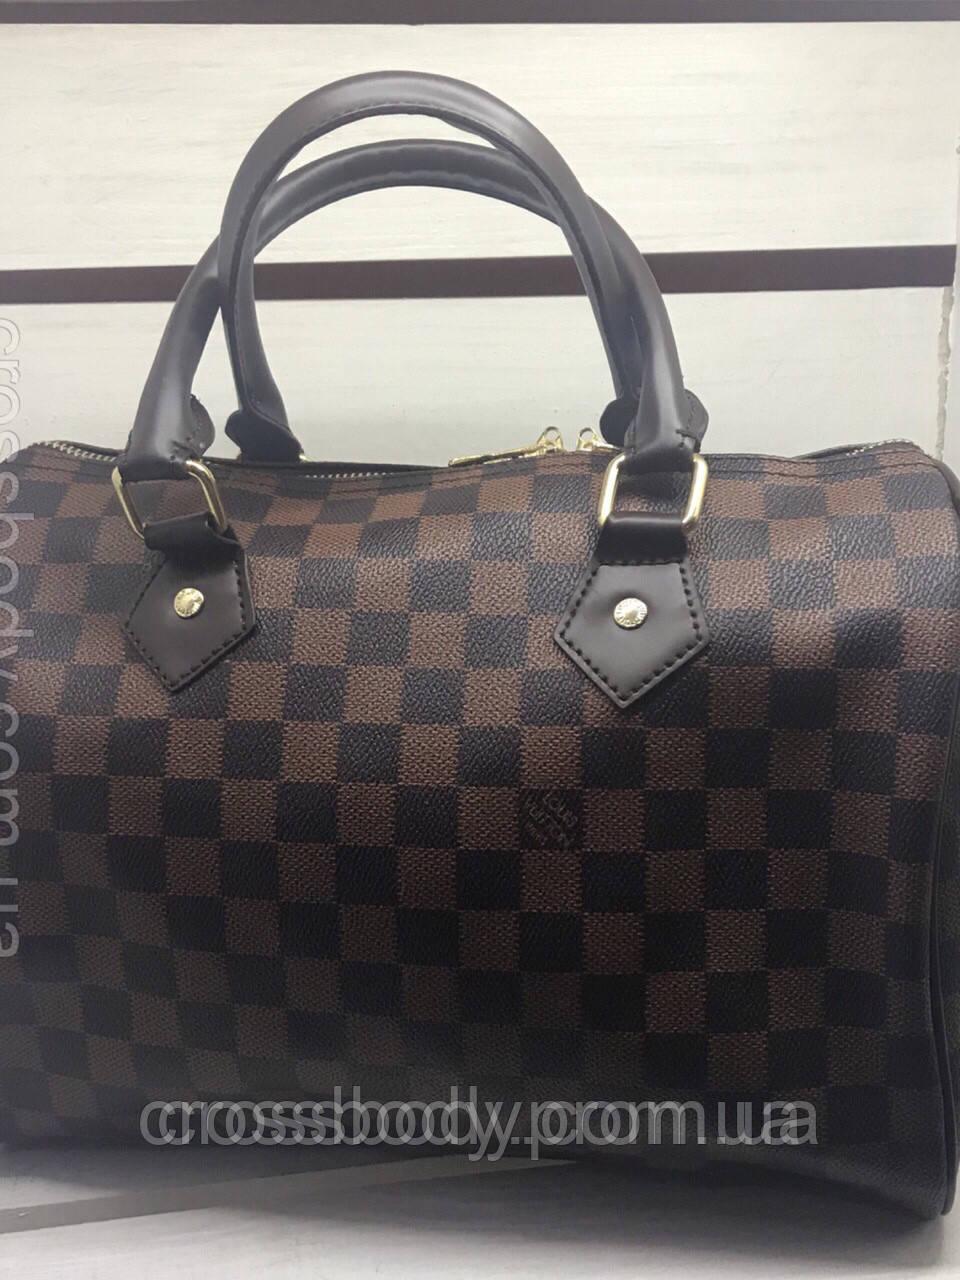 6fdc4e01872d Louis Vuitton женская сумка в стиле - Интернет - магазин